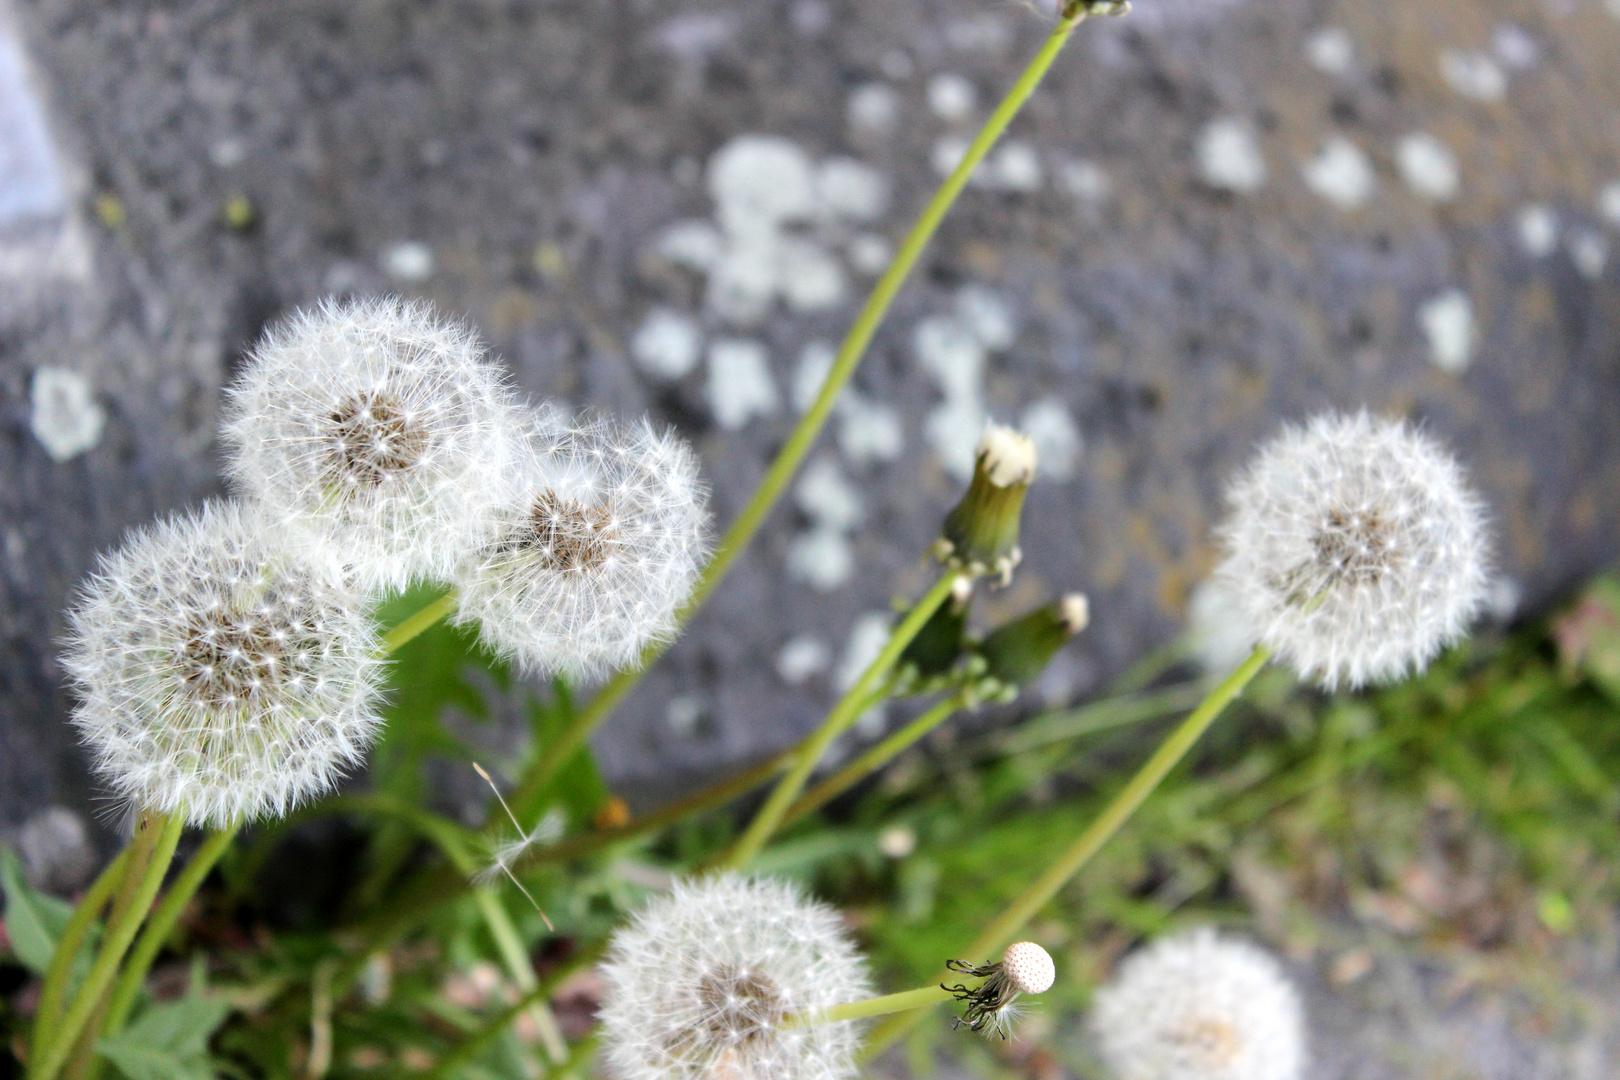 Das Leben ist wie eine Pusteblume. Wenn die Zeit gekommen ist, muss jeder alleine fliegen.